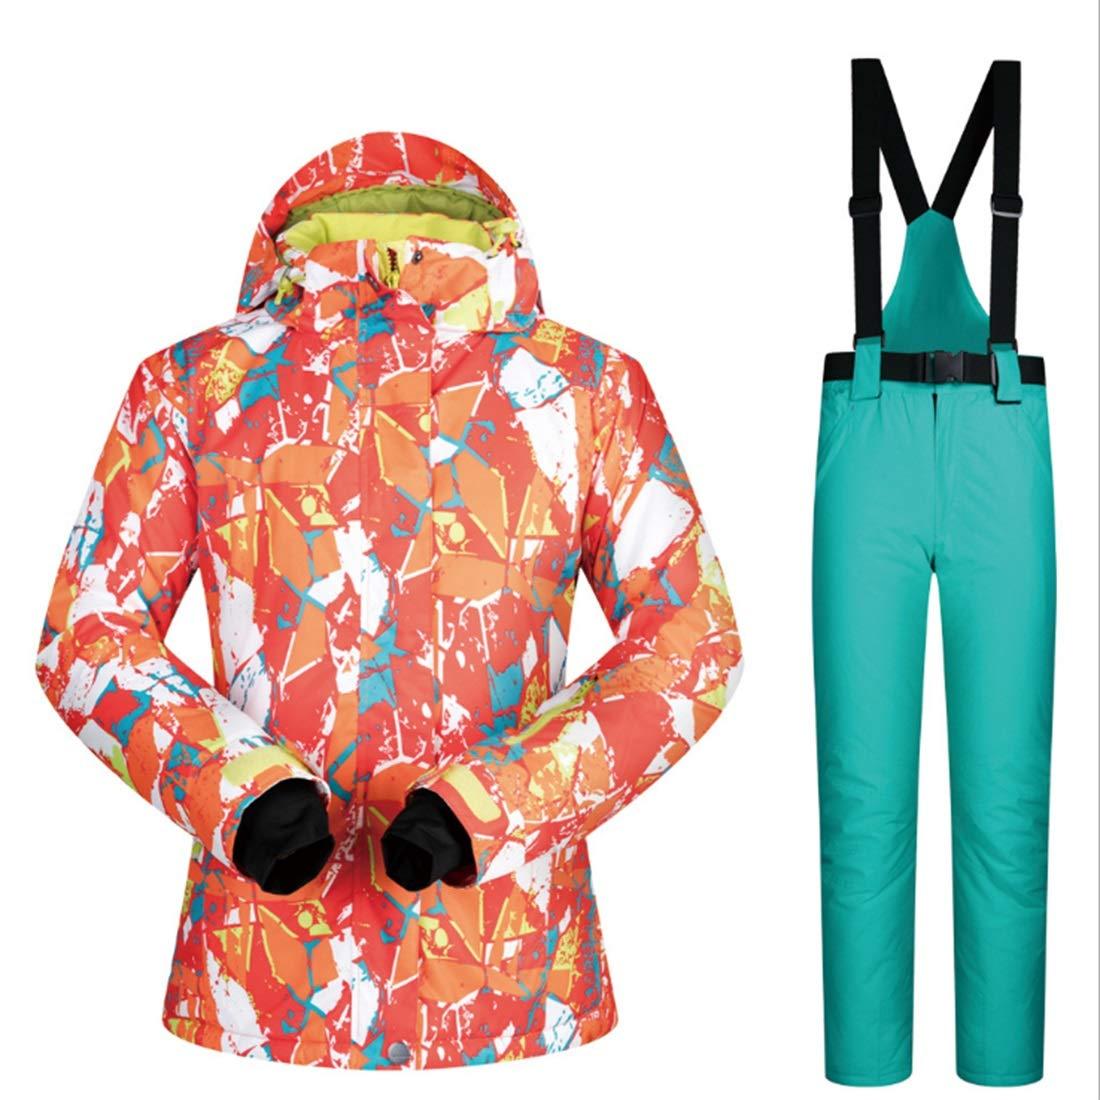 KERVINFENDRIYUN YY4 Snowsuit da Donna Giacca da Sci Sci Sci Invernale e Pantaloni sotto Il Cappotto Zero (Coloree   09, Dimensione   M)B07KXBRSHXM 07 | Aspetto Elegante  | Le vendite online  | Nuovo Arrivo  | unico  | Offerta Speciale  | Prezzo ottimale  24d7ee